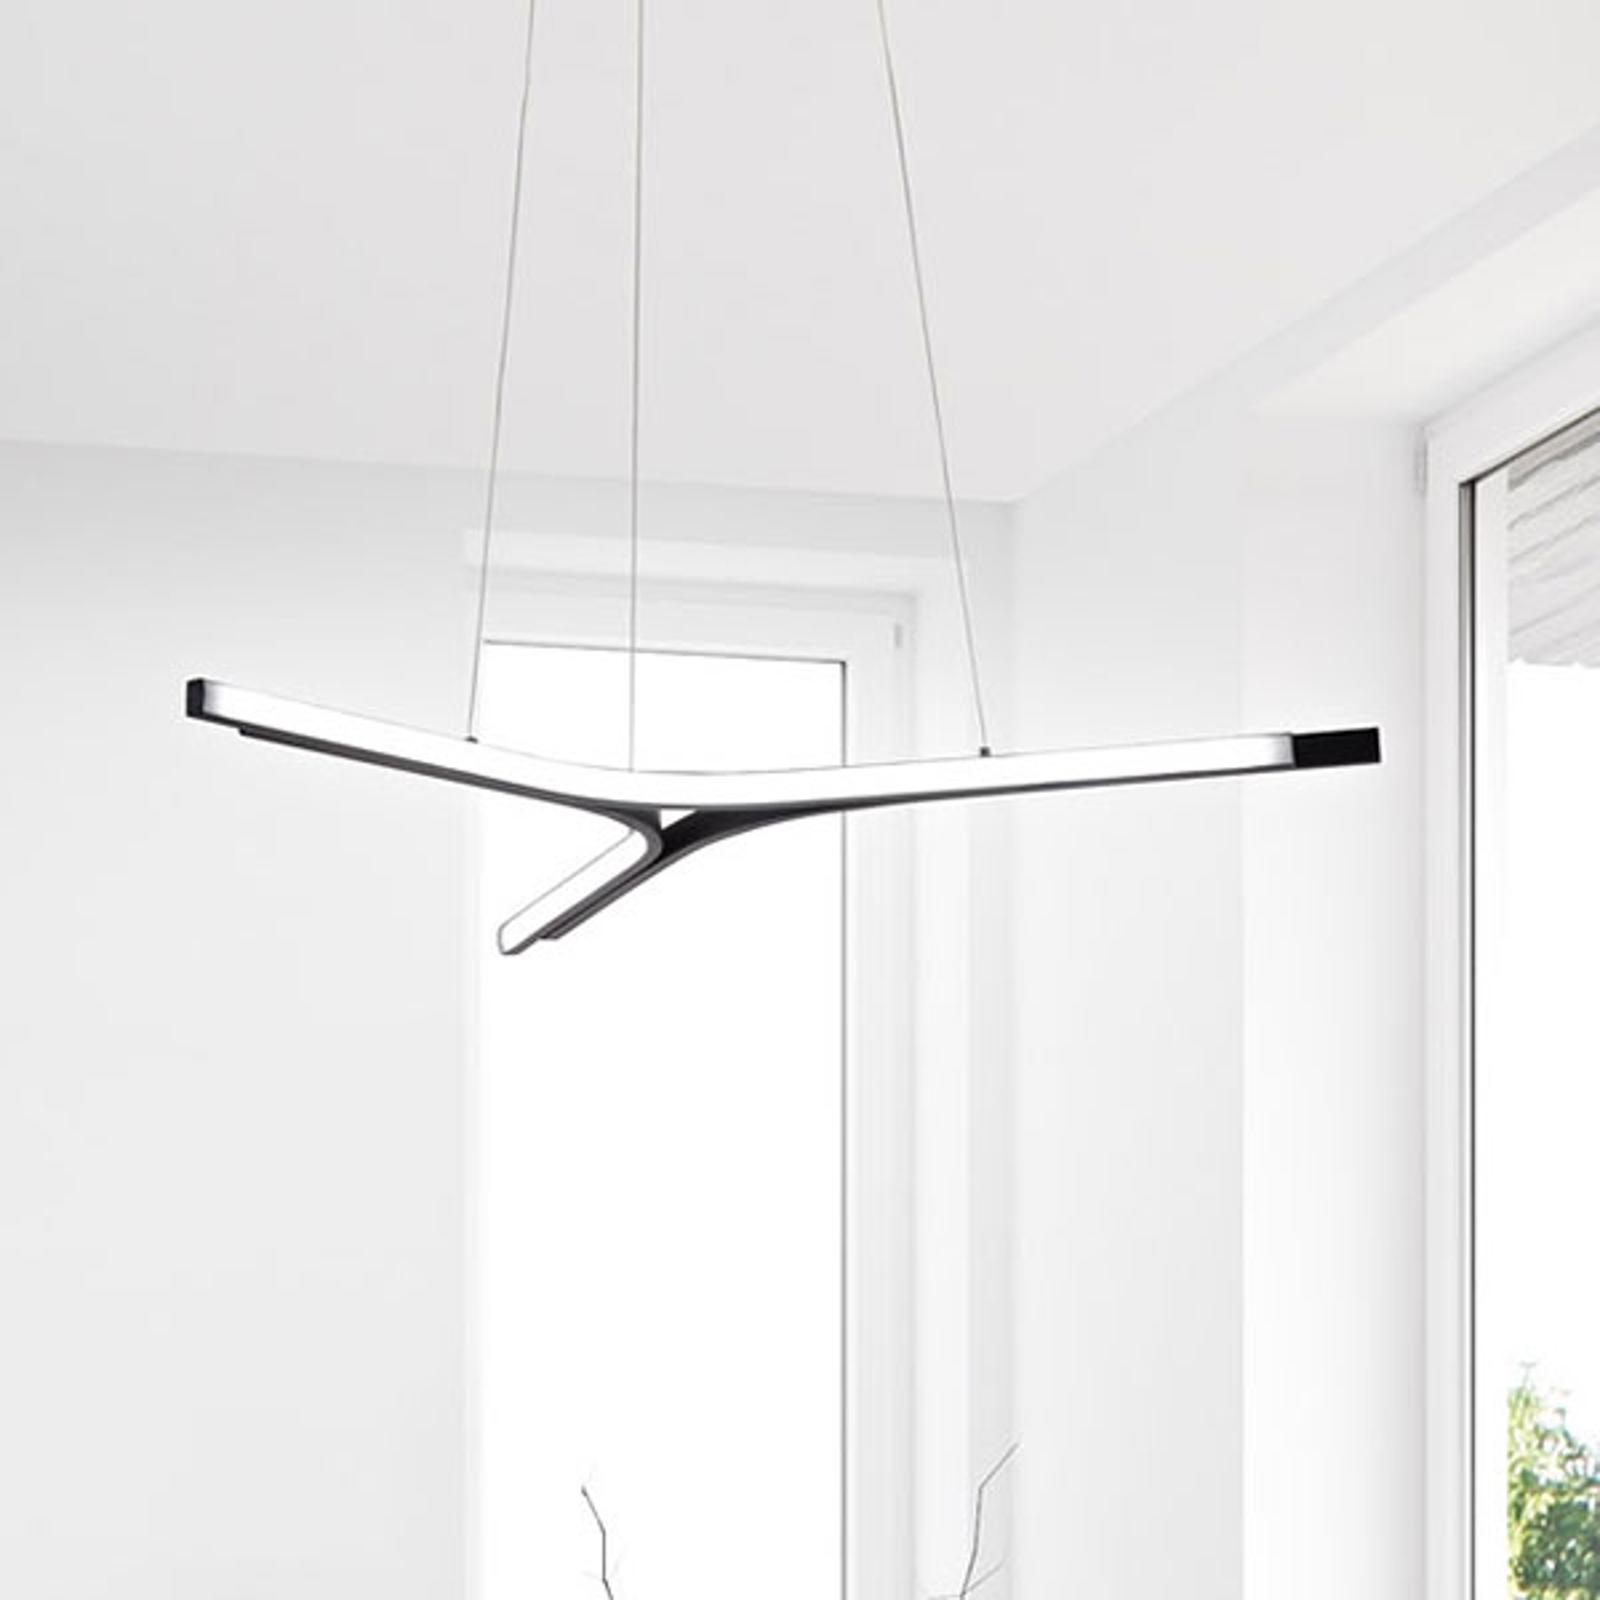 LED hanglamp Lira, dimbaar, zwart